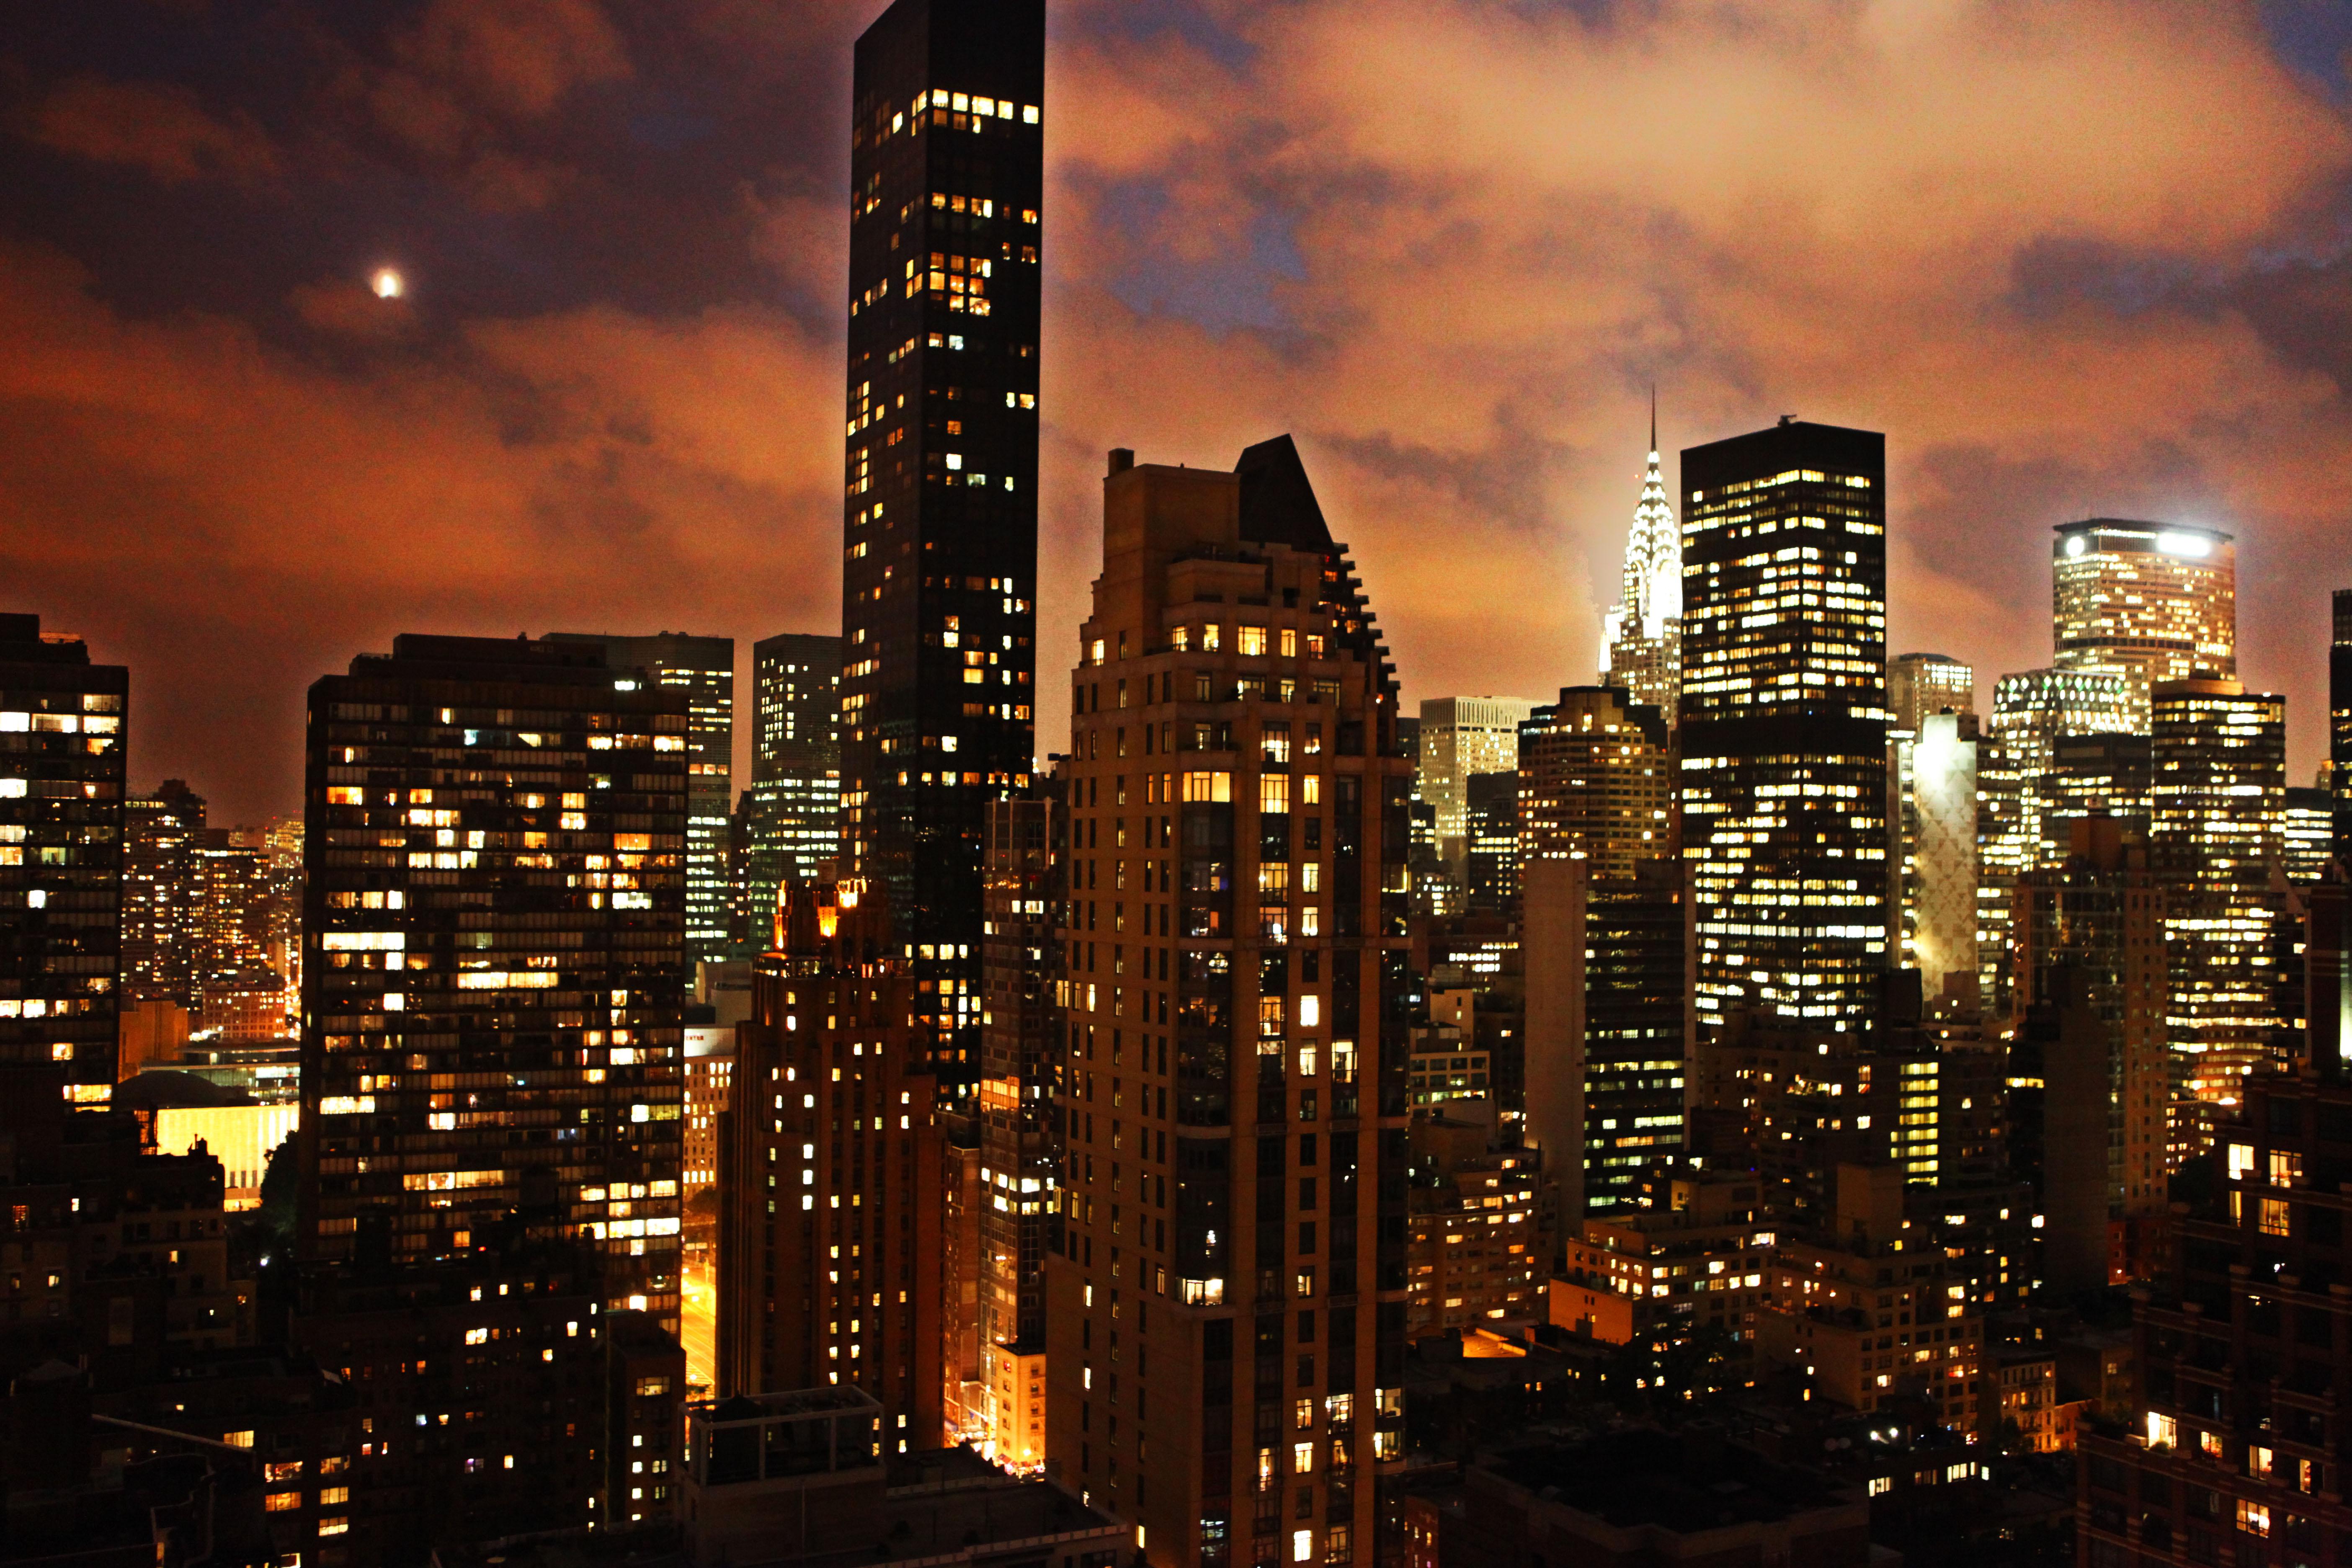 Fotos antiguas de la ciudad de Nueva York